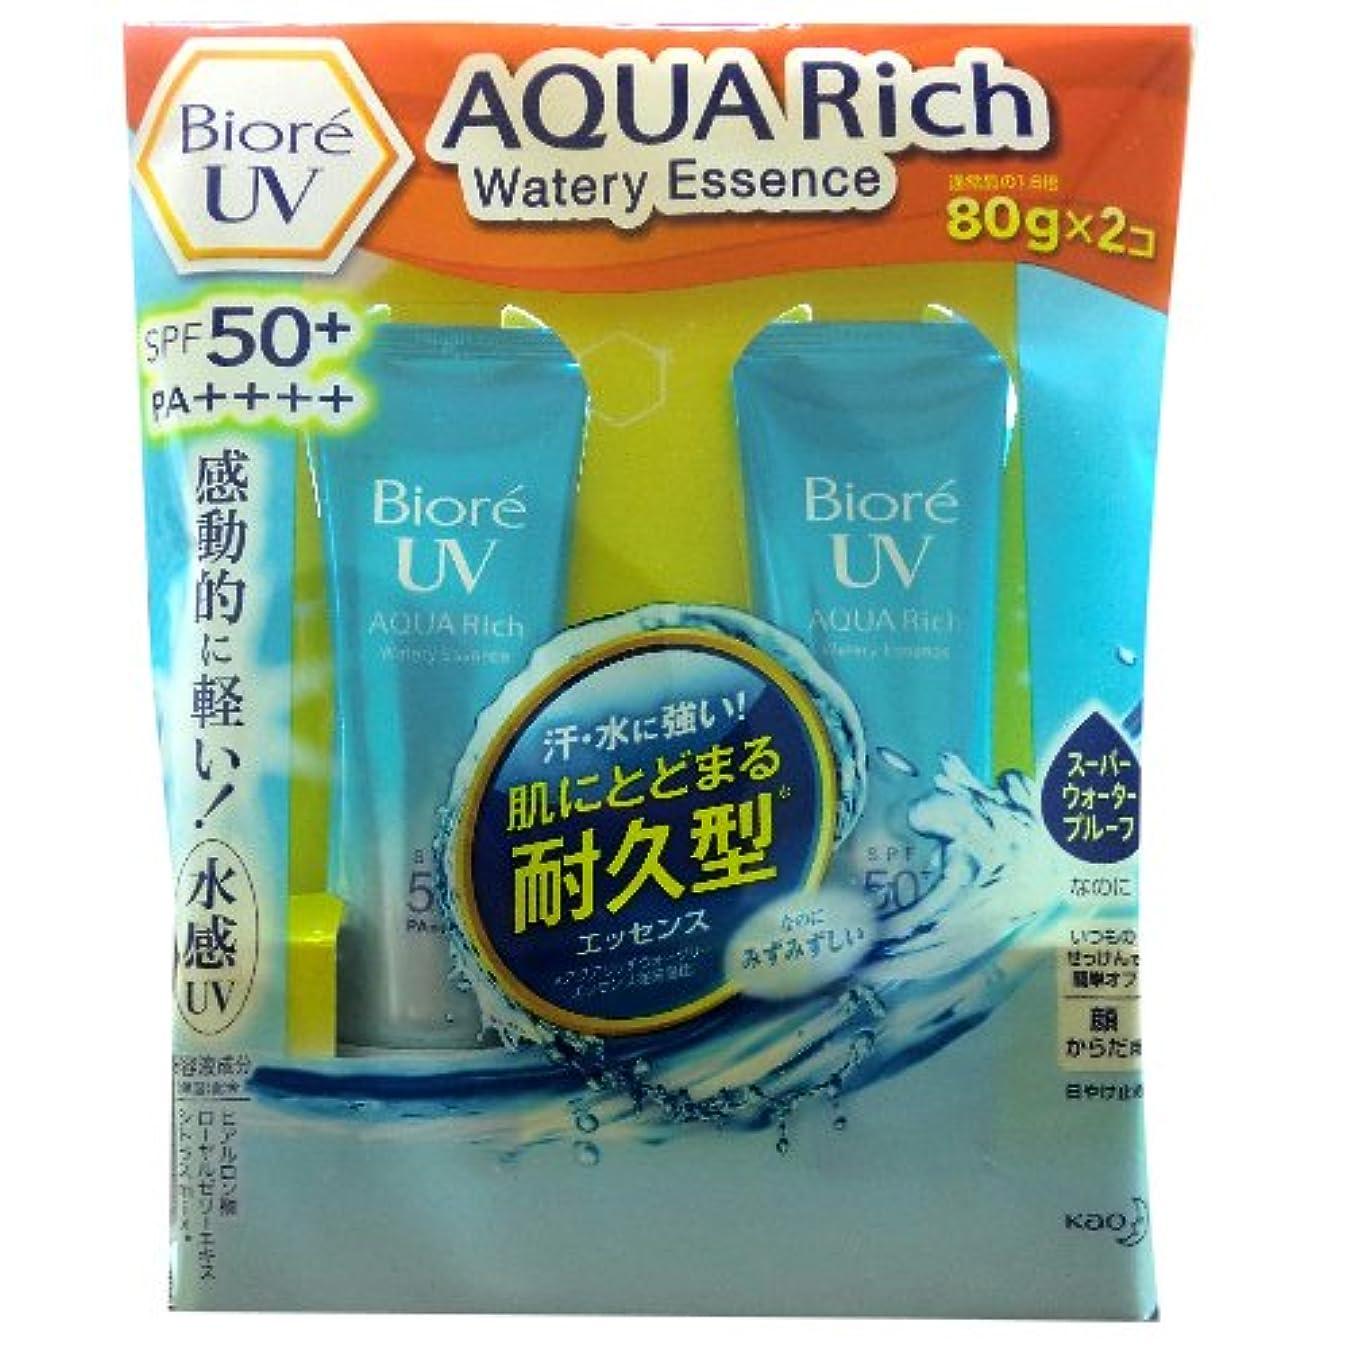 曲げる余計な役割Biore UV AQUA Rich Watery Essence 80g×2コ